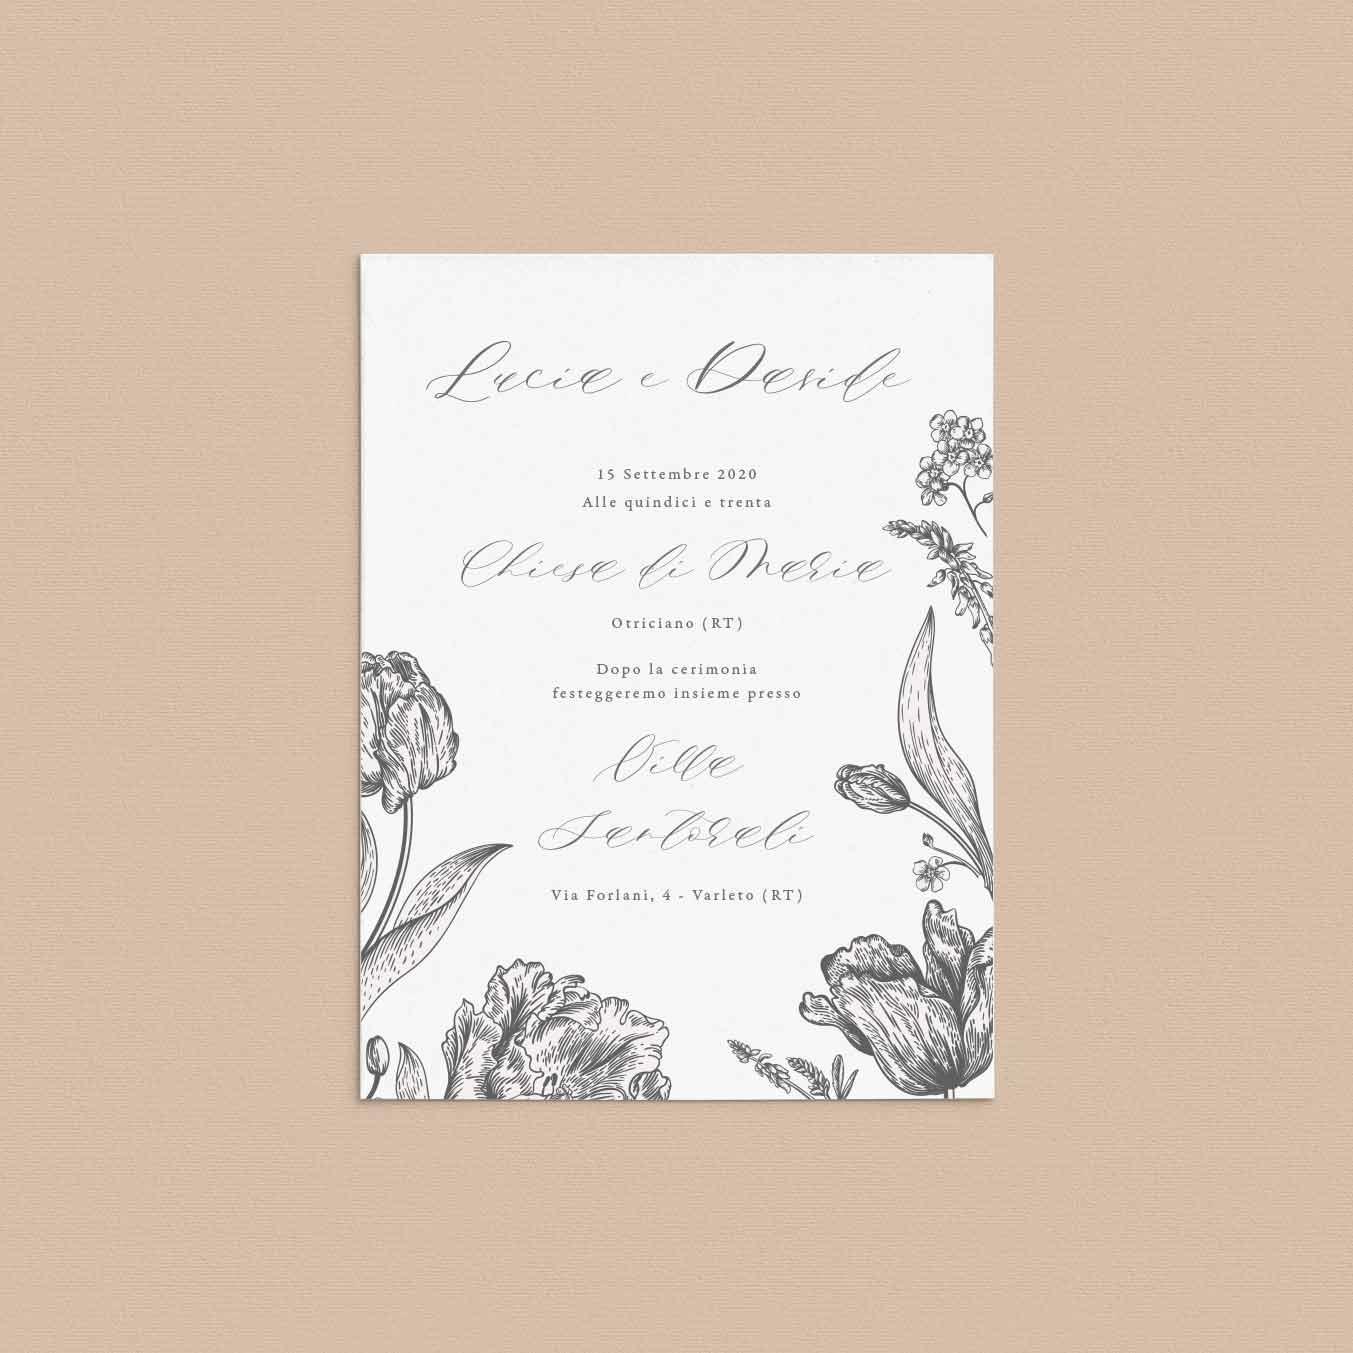 Partecipazioni-floreali-fiori-rustico-rustiche-inviti-matrimonio-nozze-2020